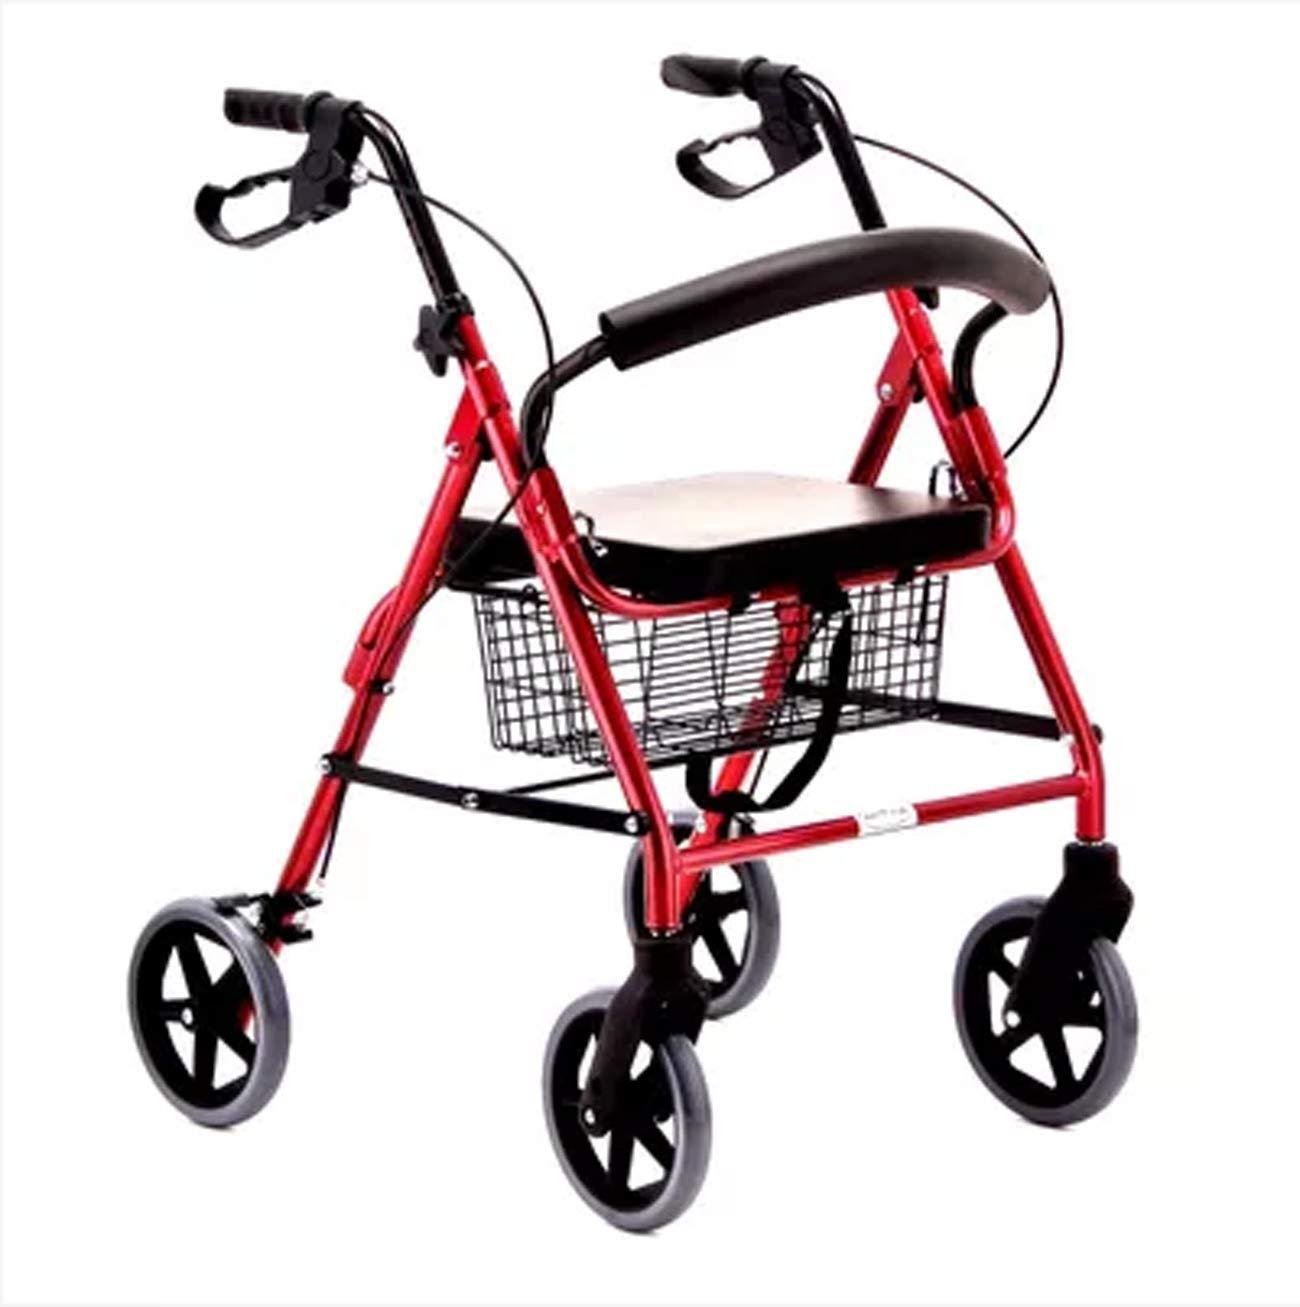 【超特価sale開催!】 高齢者歩行器、アルミニウム合金歩行器、折り畳み式4輪補助歩行器 B07L75SSMK、赤 B07L75SSMK, アウトドア専門店の九蔵:de515f26 --- a0267596.xsph.ru